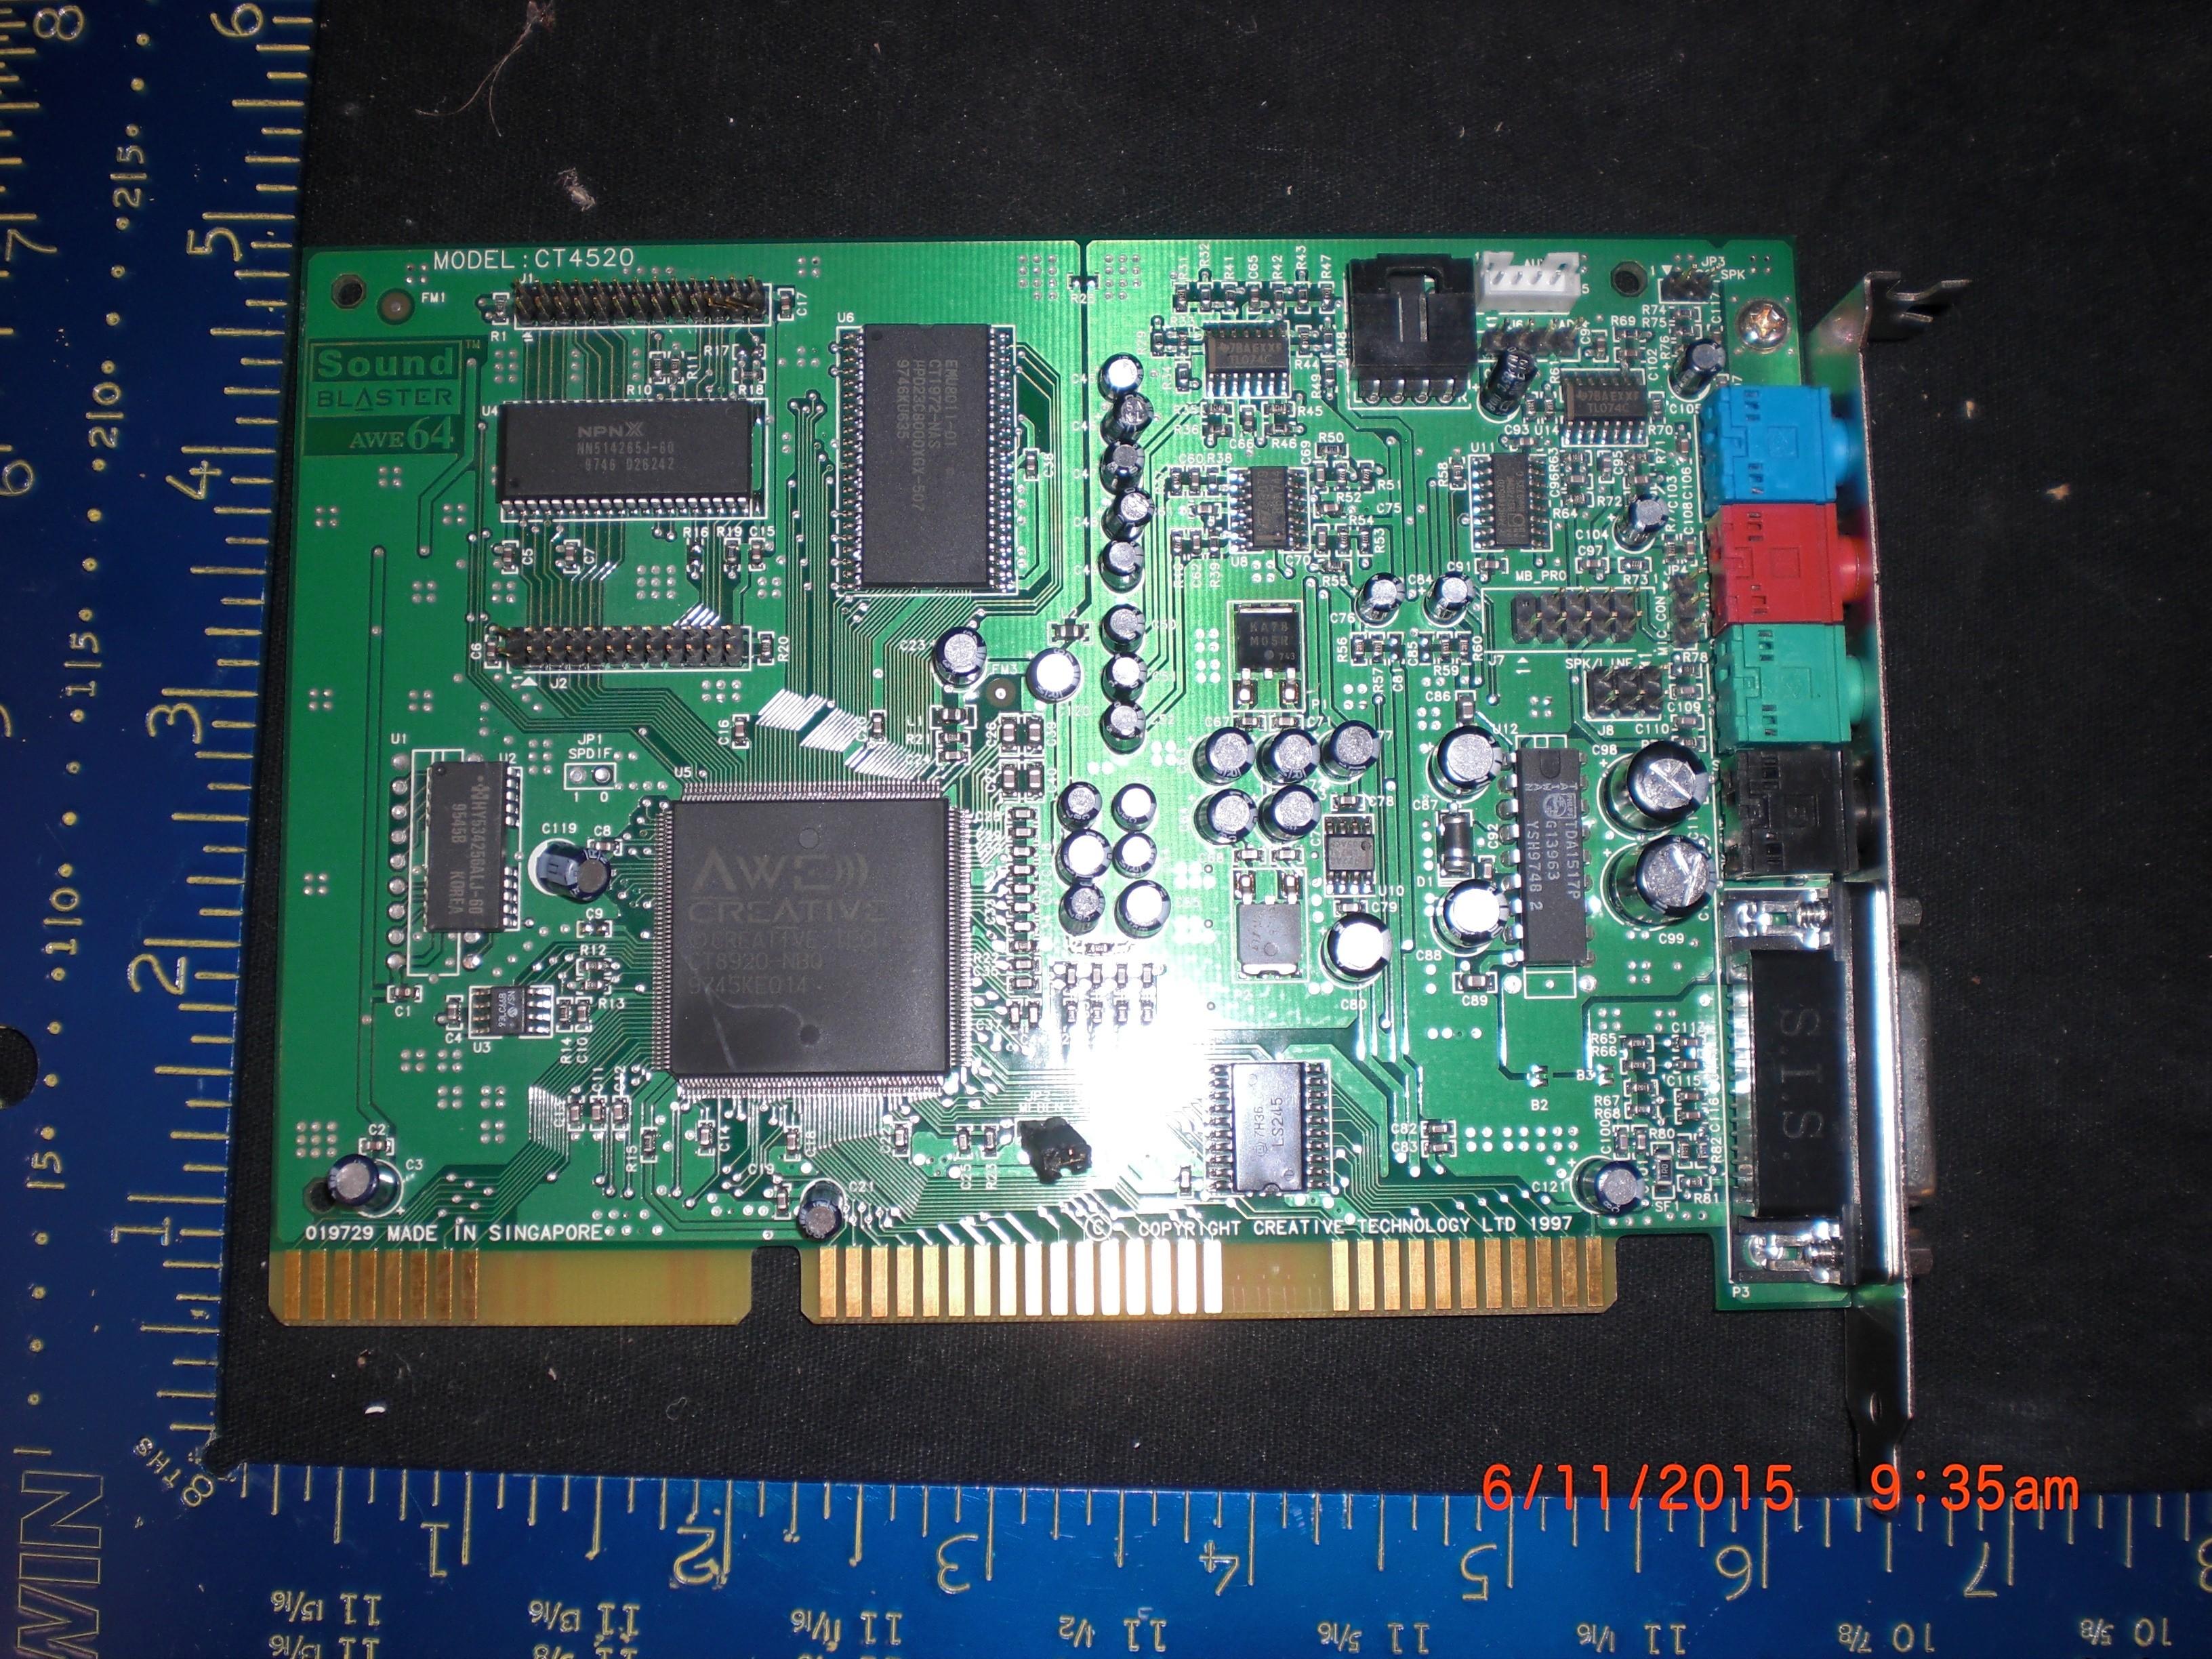 Sound Blaster AWE64